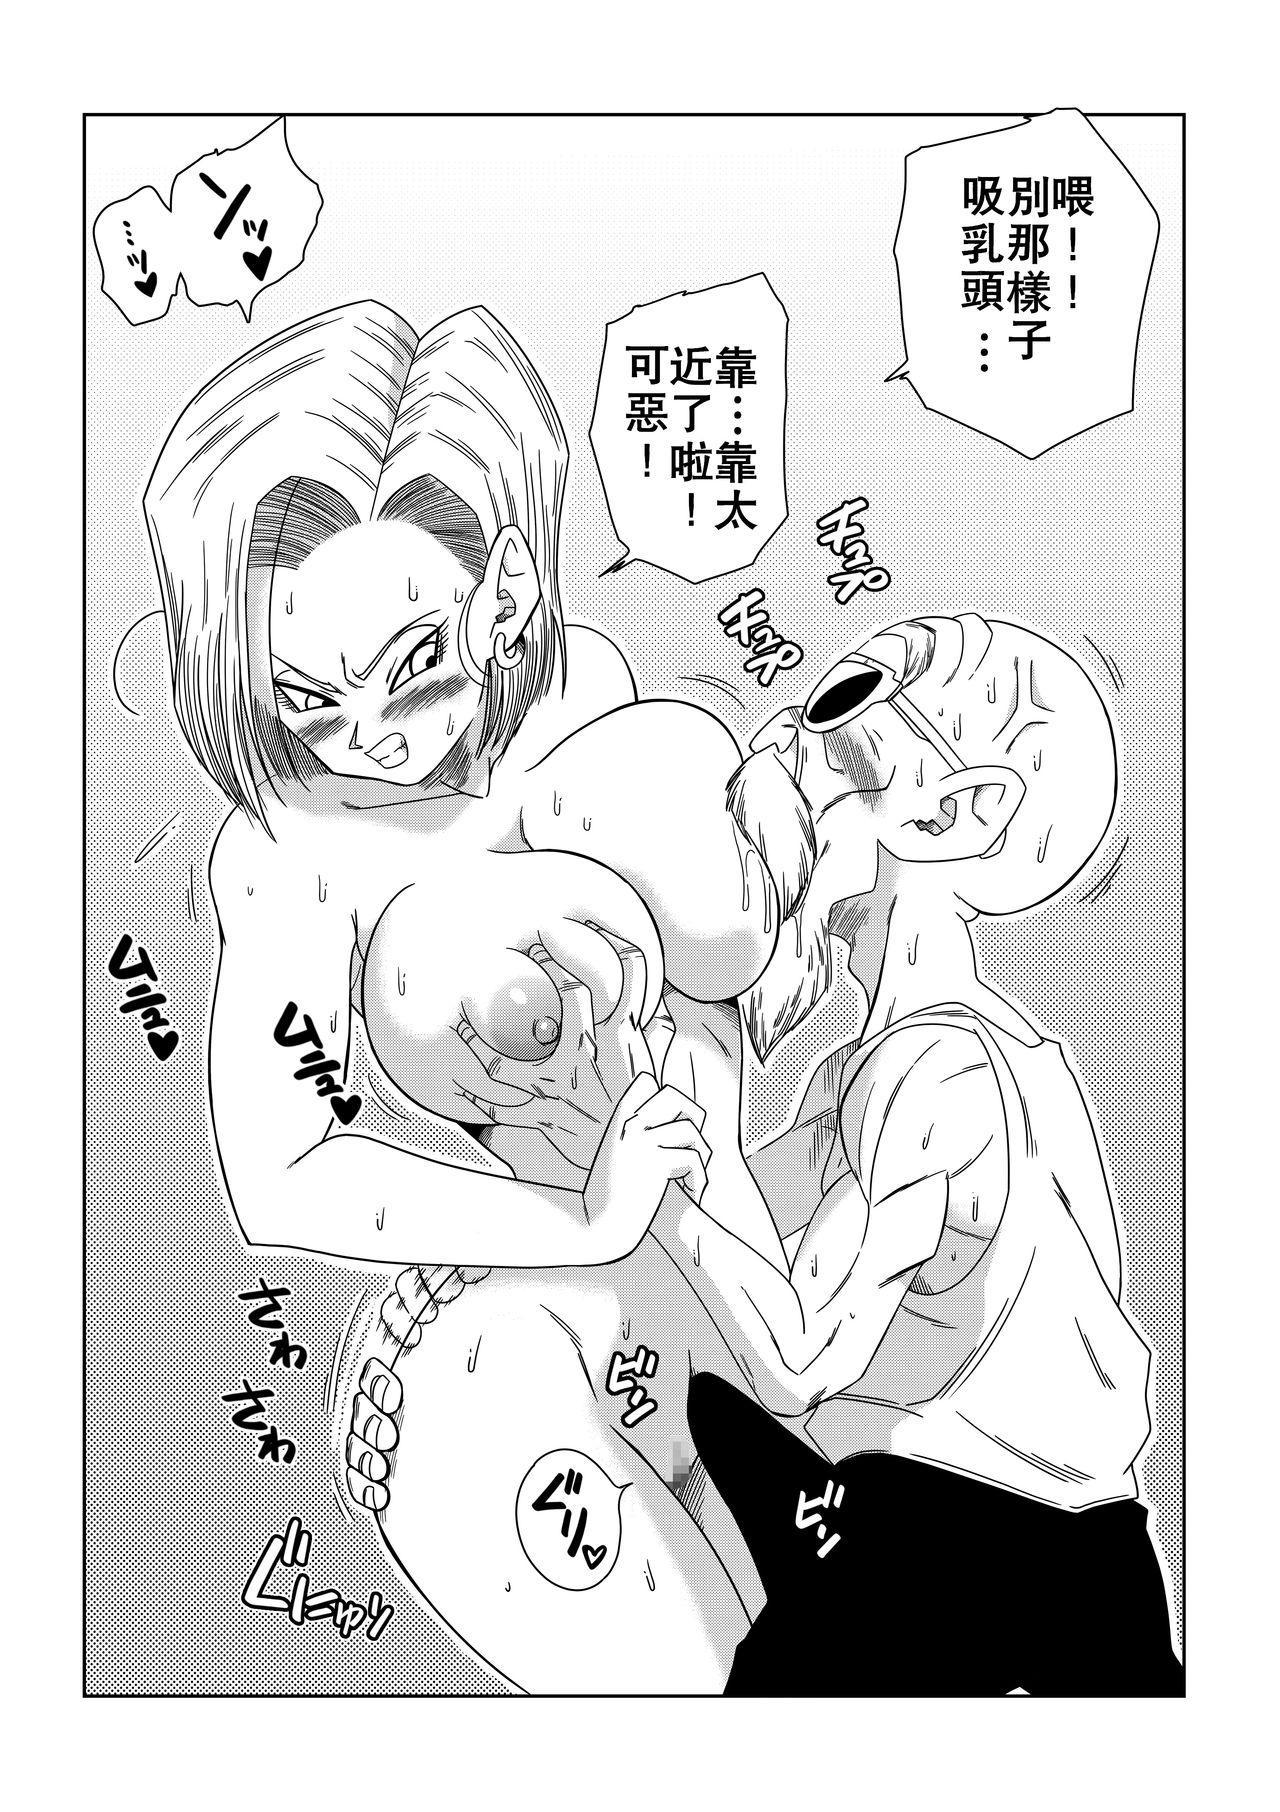 18-gou vs Kame Sennin 7